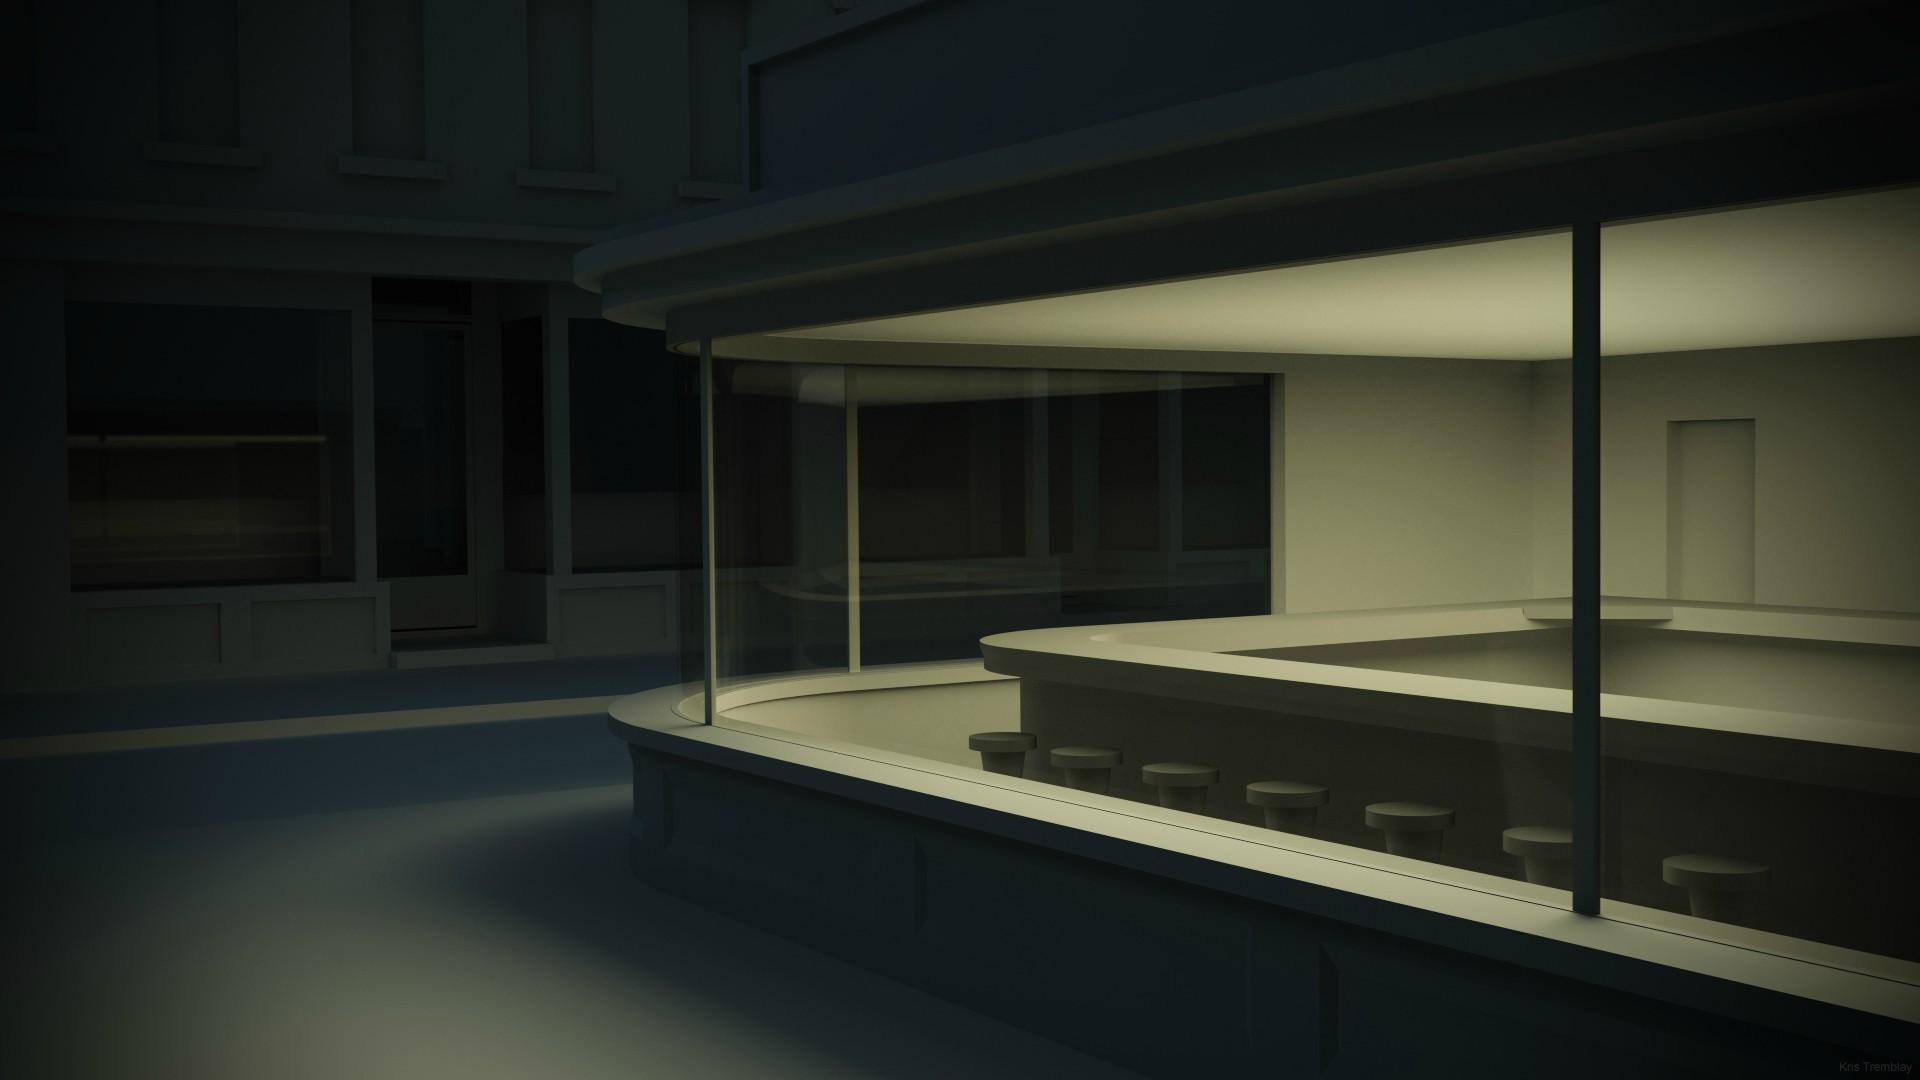 Hintergrundbilder : Malerei, die Architektur, Zimmer, CGI, Haus ...